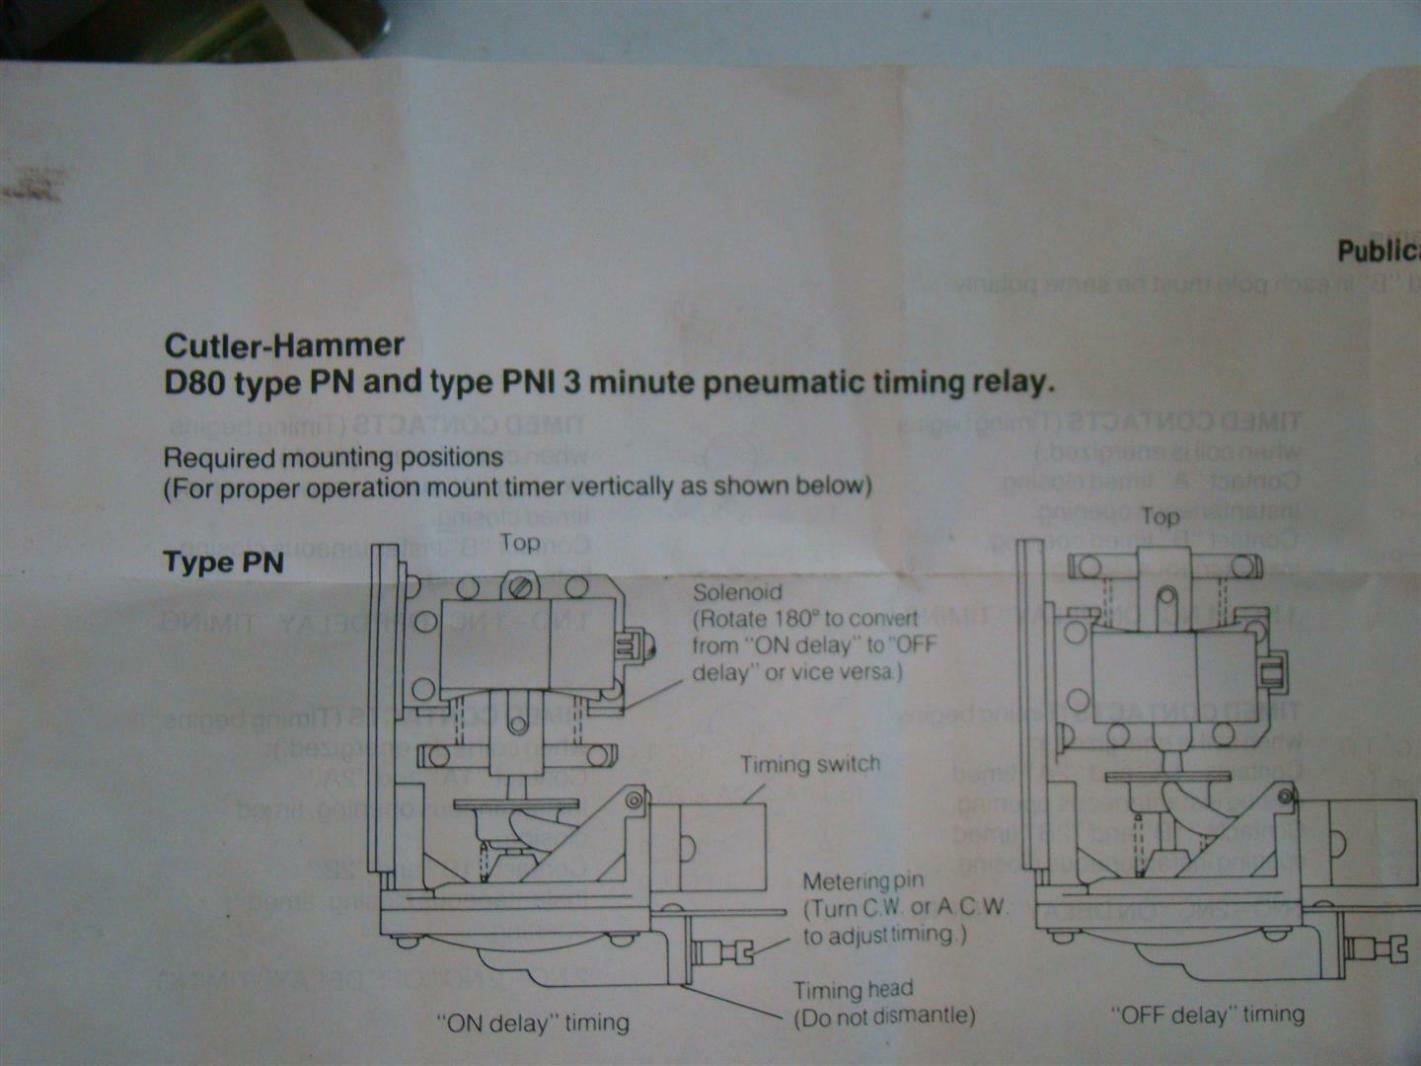 Atemberaubend Cutler Hammer Sv9000 Schaltplan Zeitgenössisch - Der ...